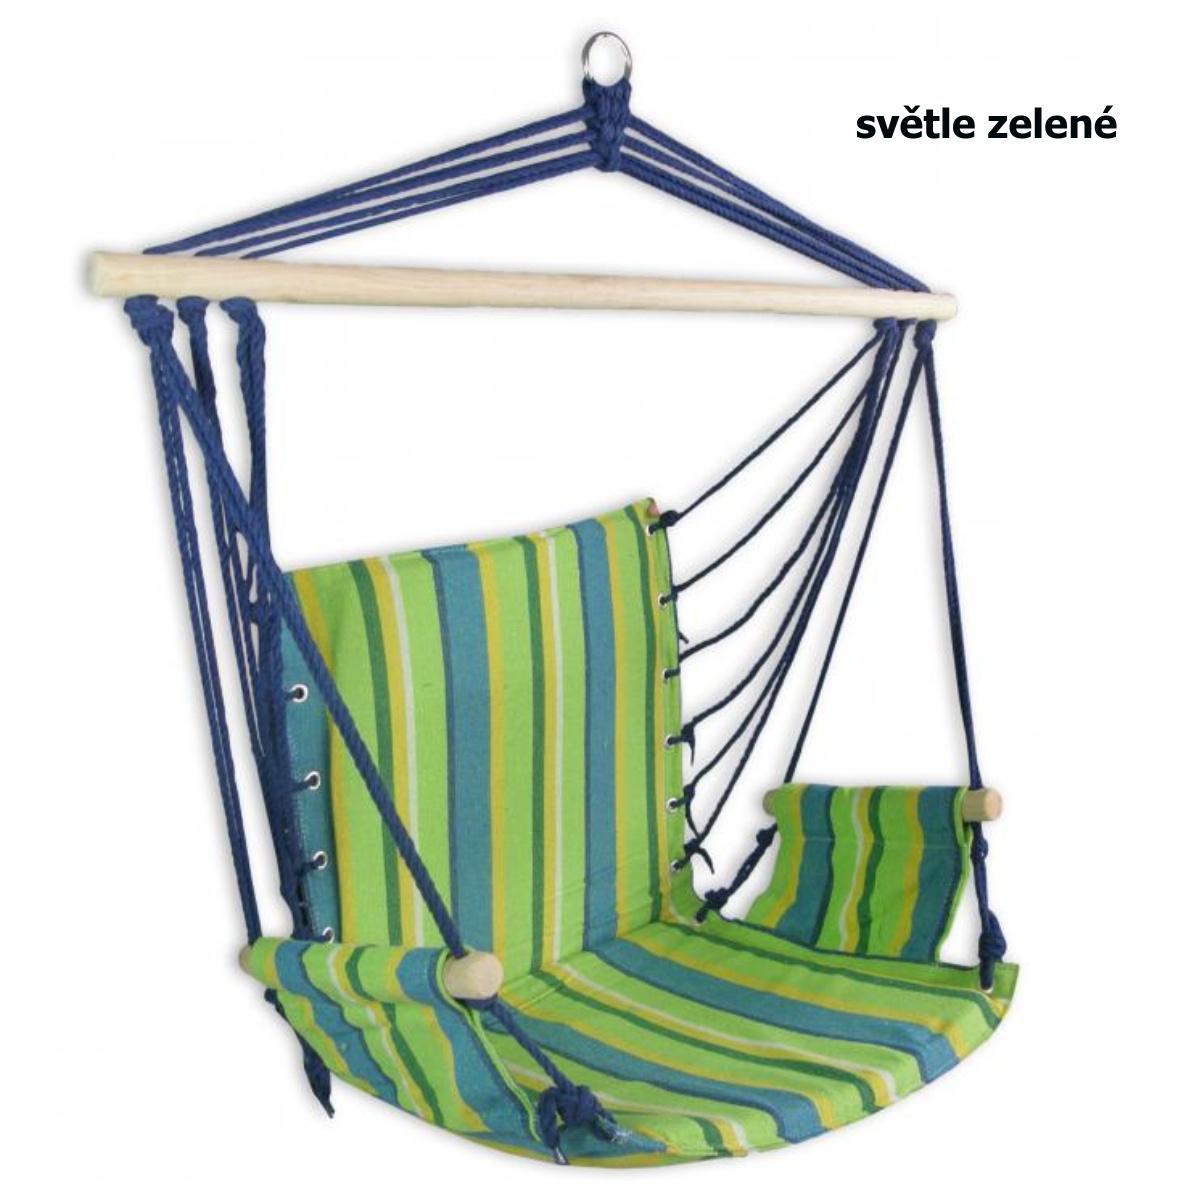 Hojdacie kreslo SEDCO Bavlna Relax 103 x 56 cm - svetlo zelené